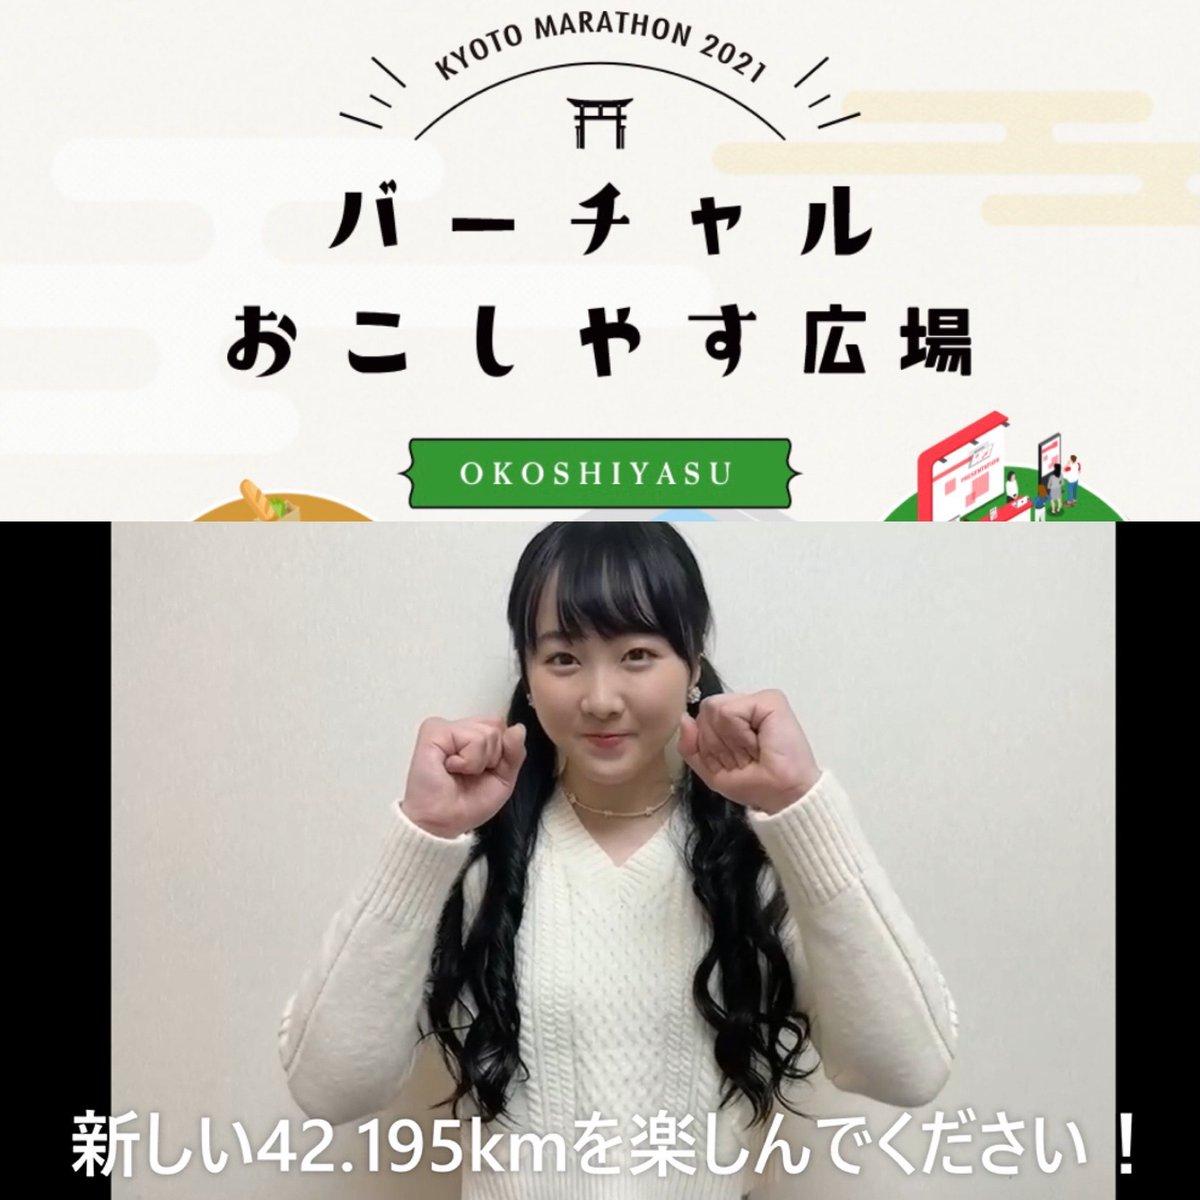 マラソン 2021 京都